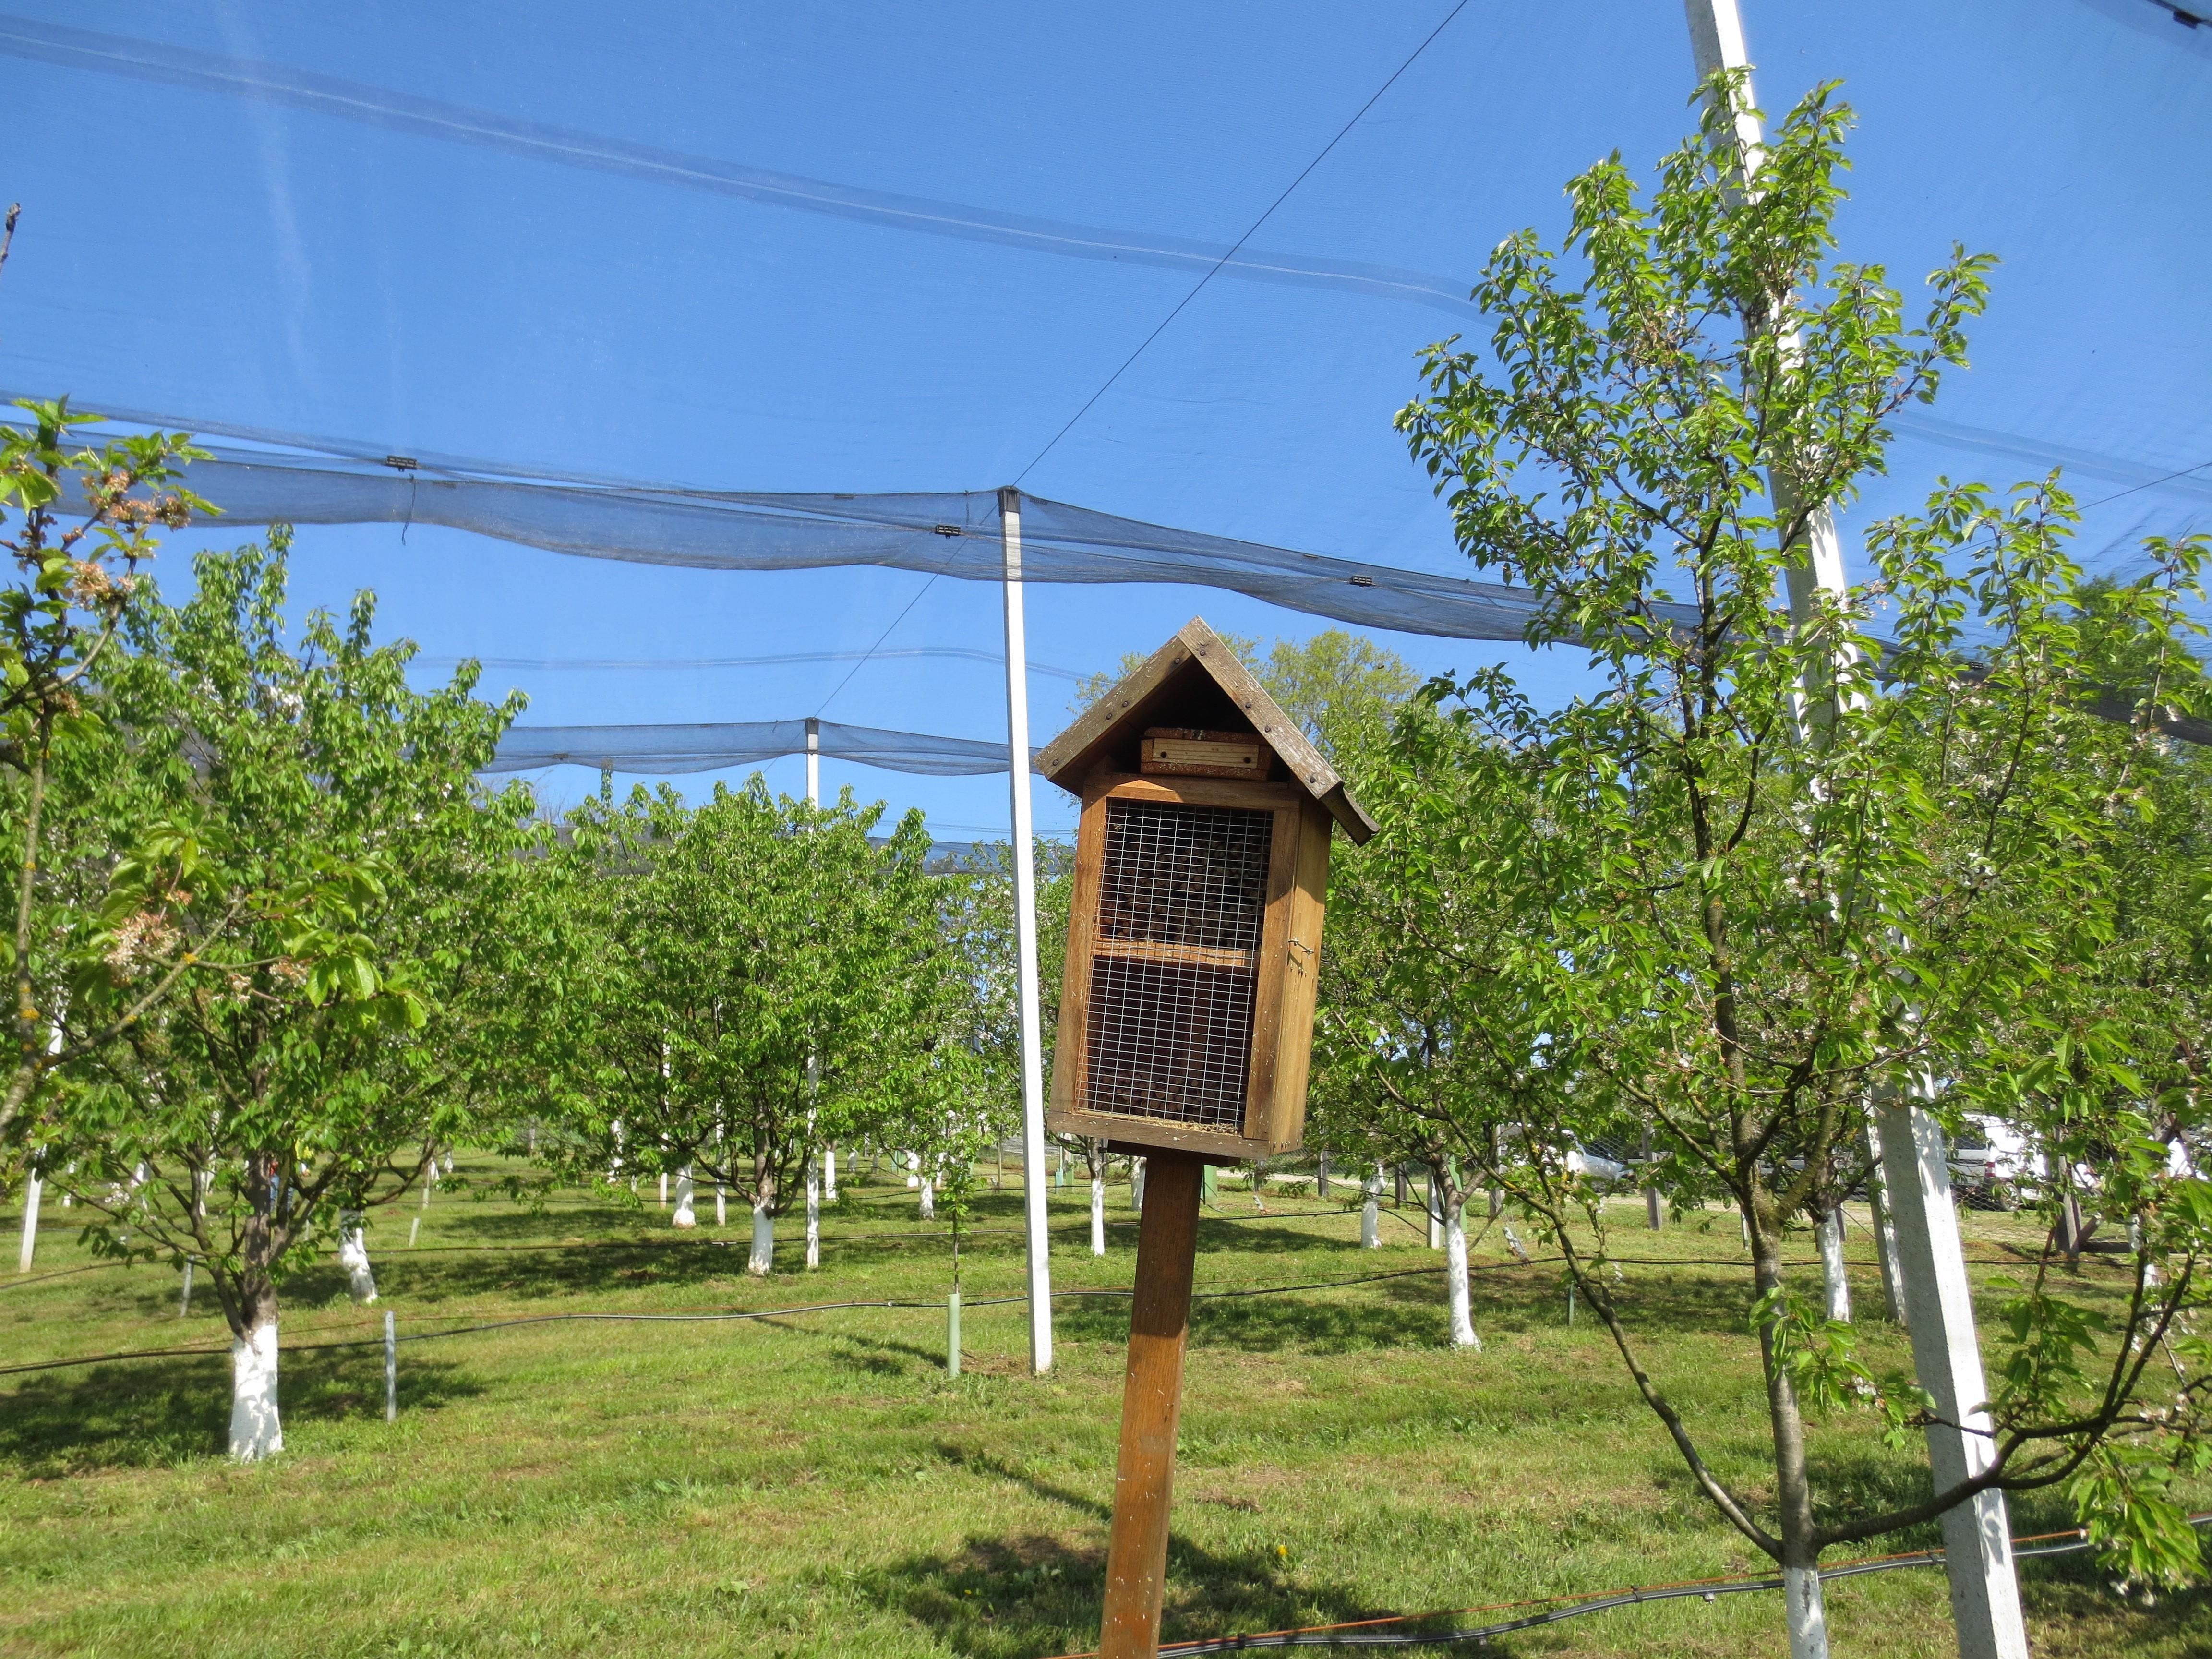 mjesto za upoznavanje medonosnih pčela